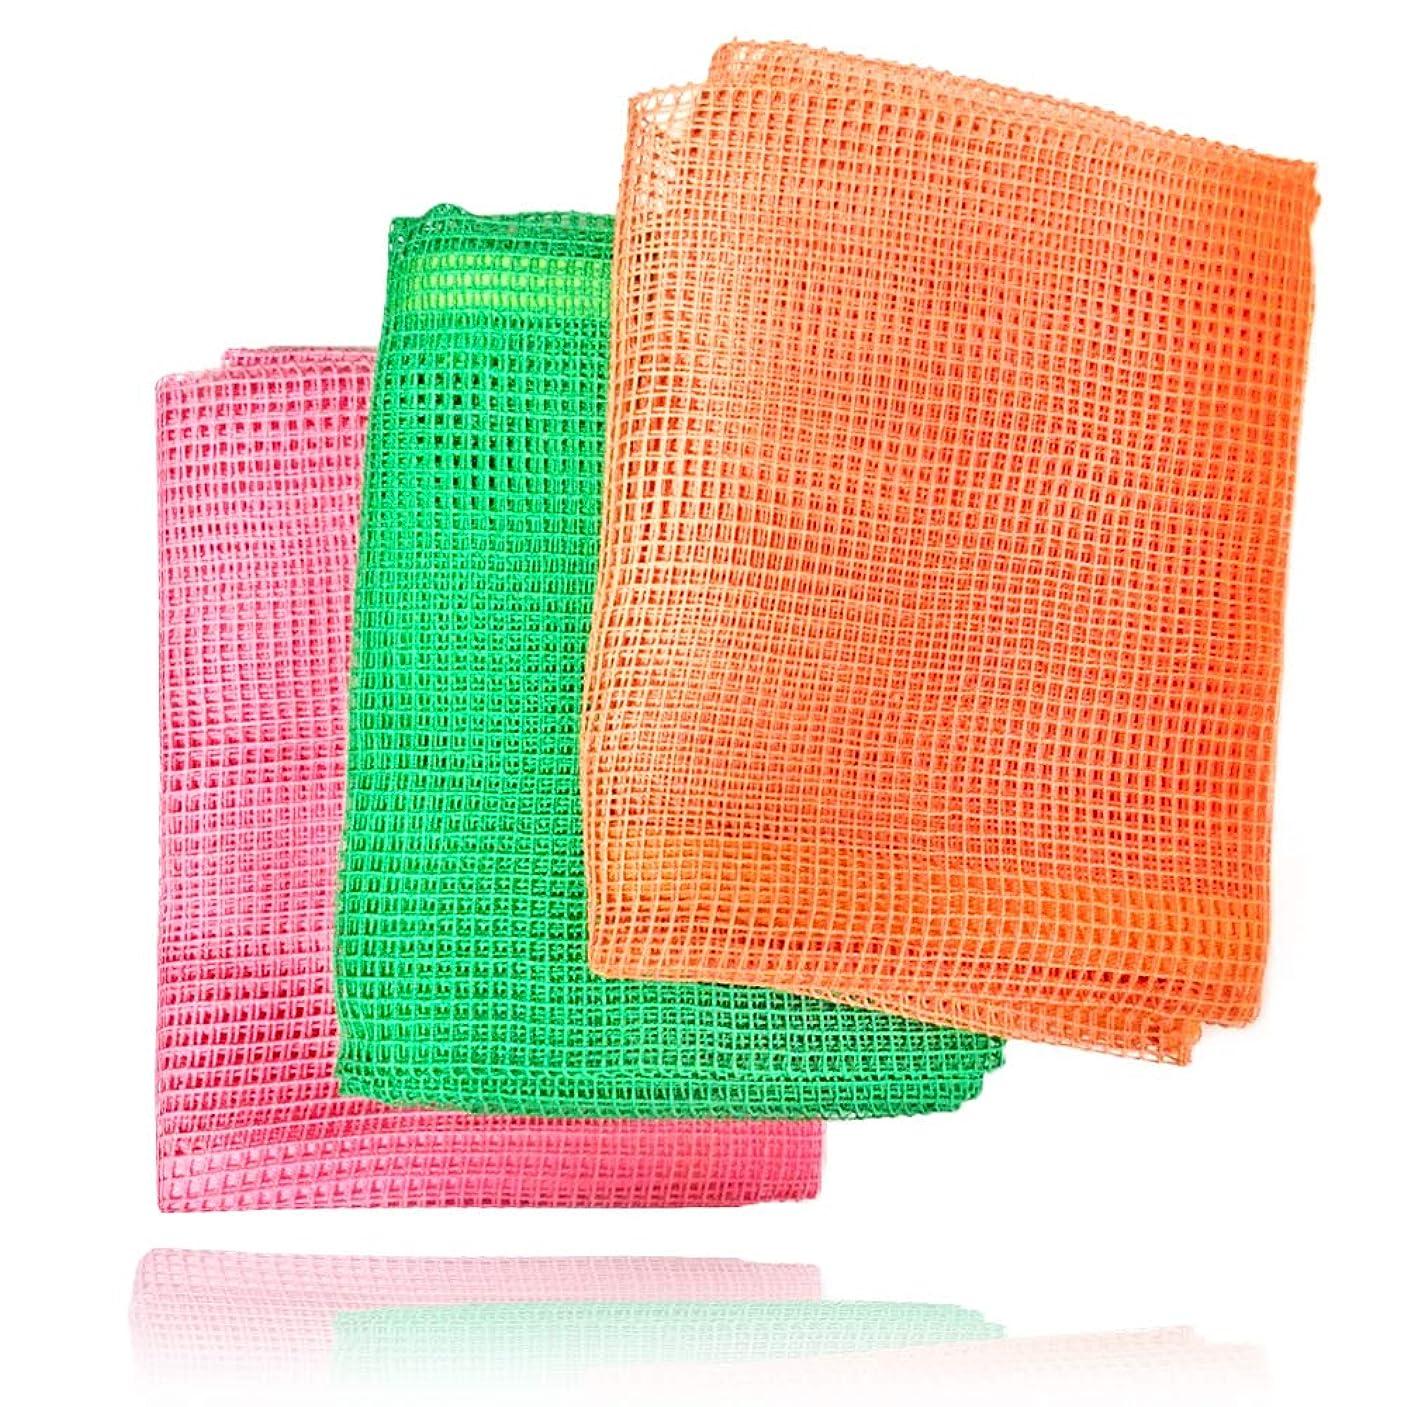 直立不透明な好み美肌健康浴用タオル3本セット(旧ビオネット)